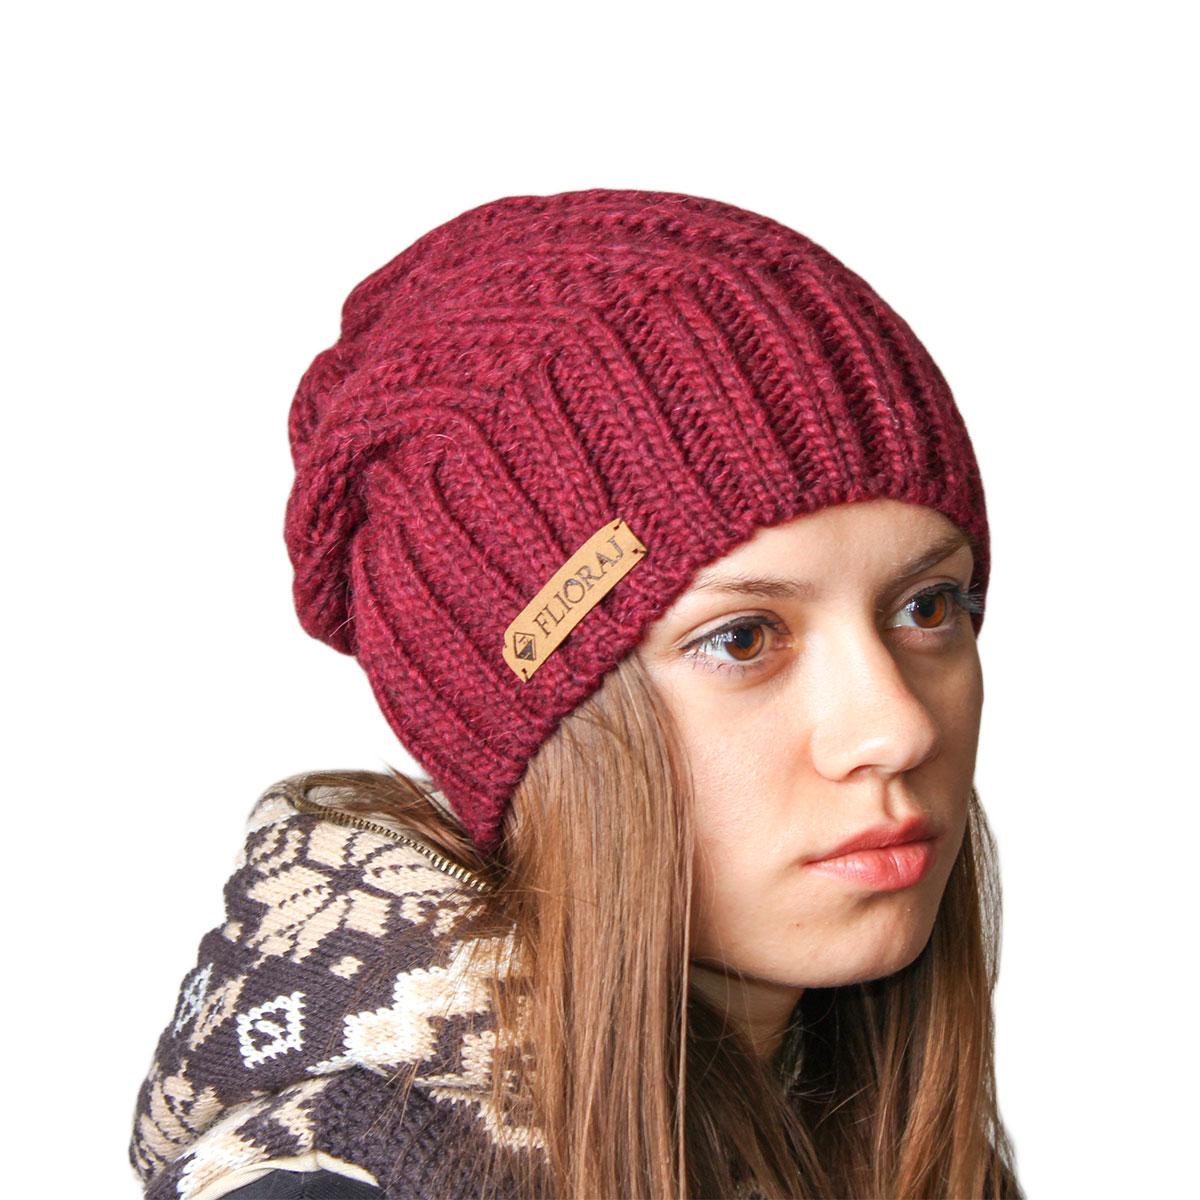 Шапка женская. 011FJ011FJТеплая шапка из овечьей шерсти и шерсти горной альпаки. Выполнена модной рельефной вязкой. Украшена нашивкой из натуральной кожи. Поднимет настроение и отлично согреет в холодную погоду.